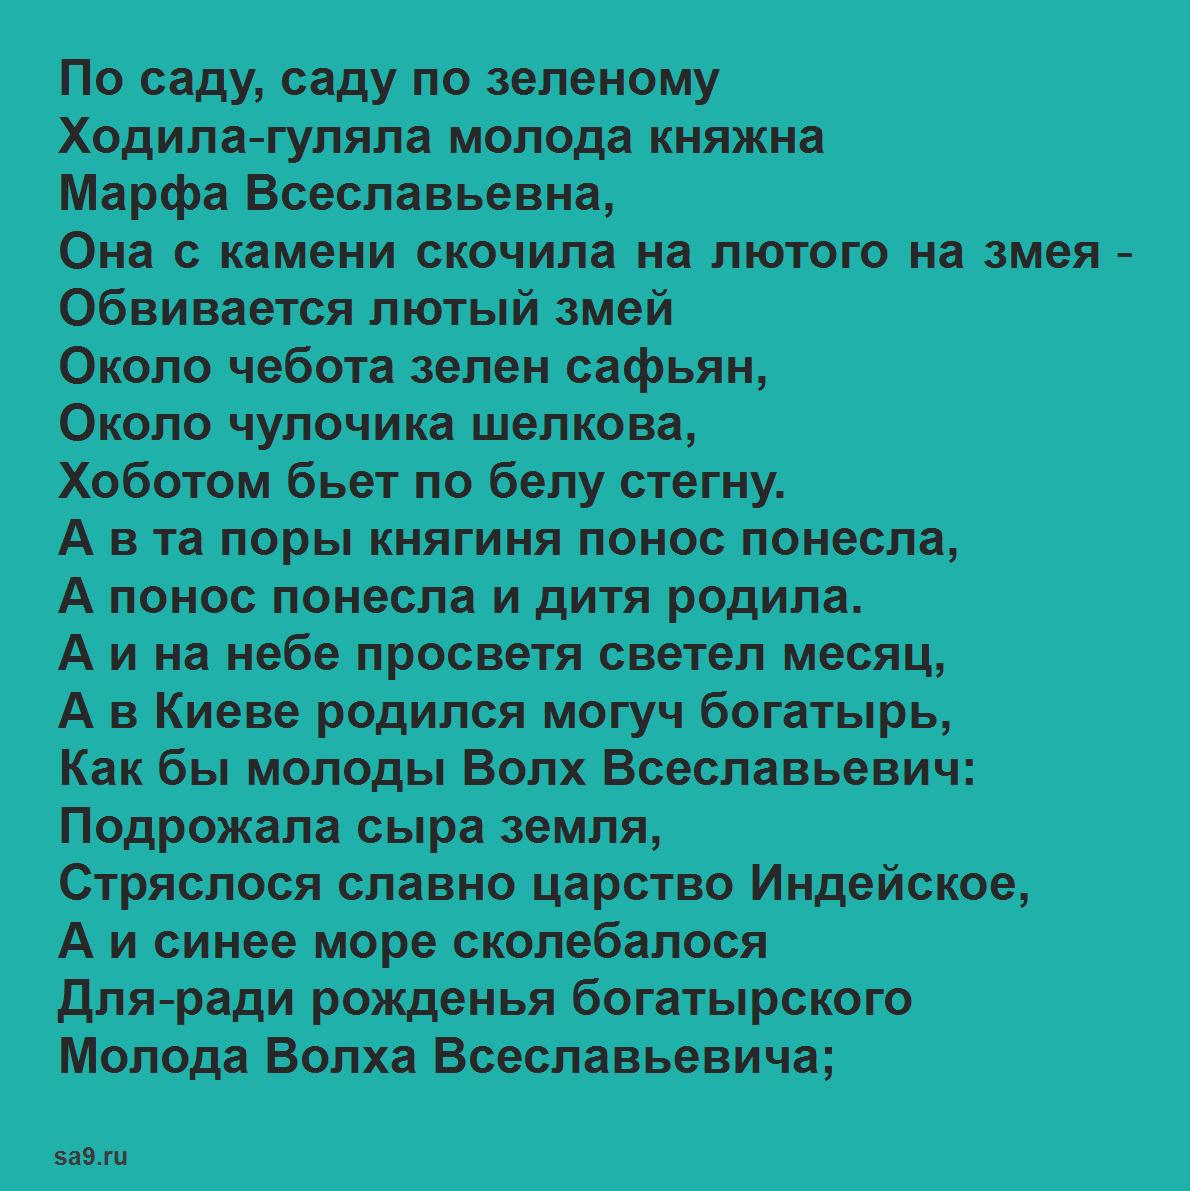 Былина - Волх Всеславьевич